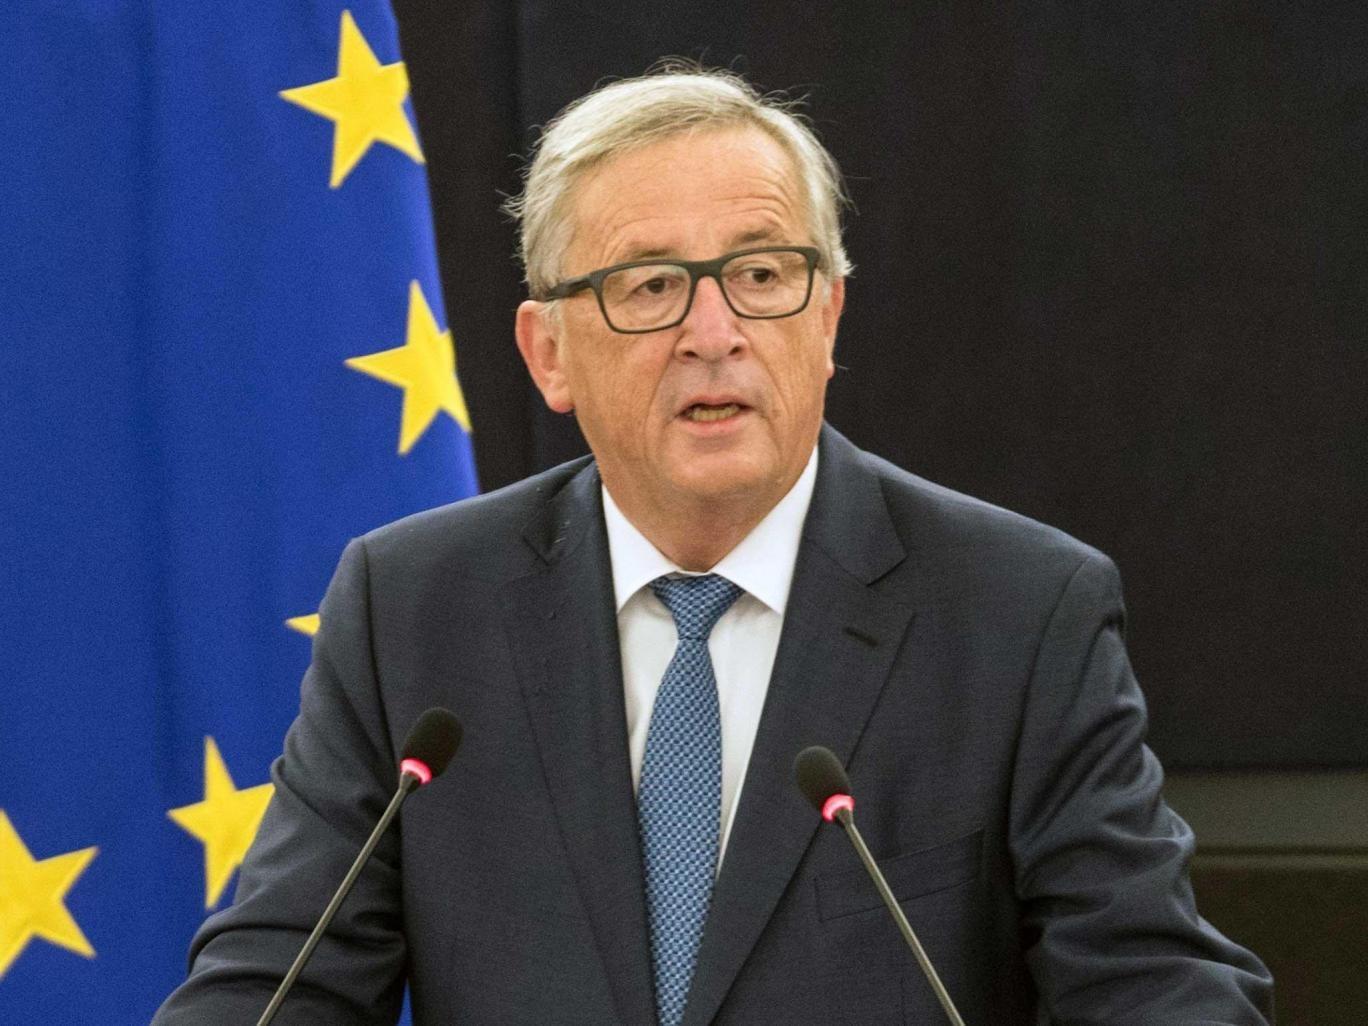 پیشنهاد رئیس کمیسیون اروپا برای تشکیل ارتش مشترک